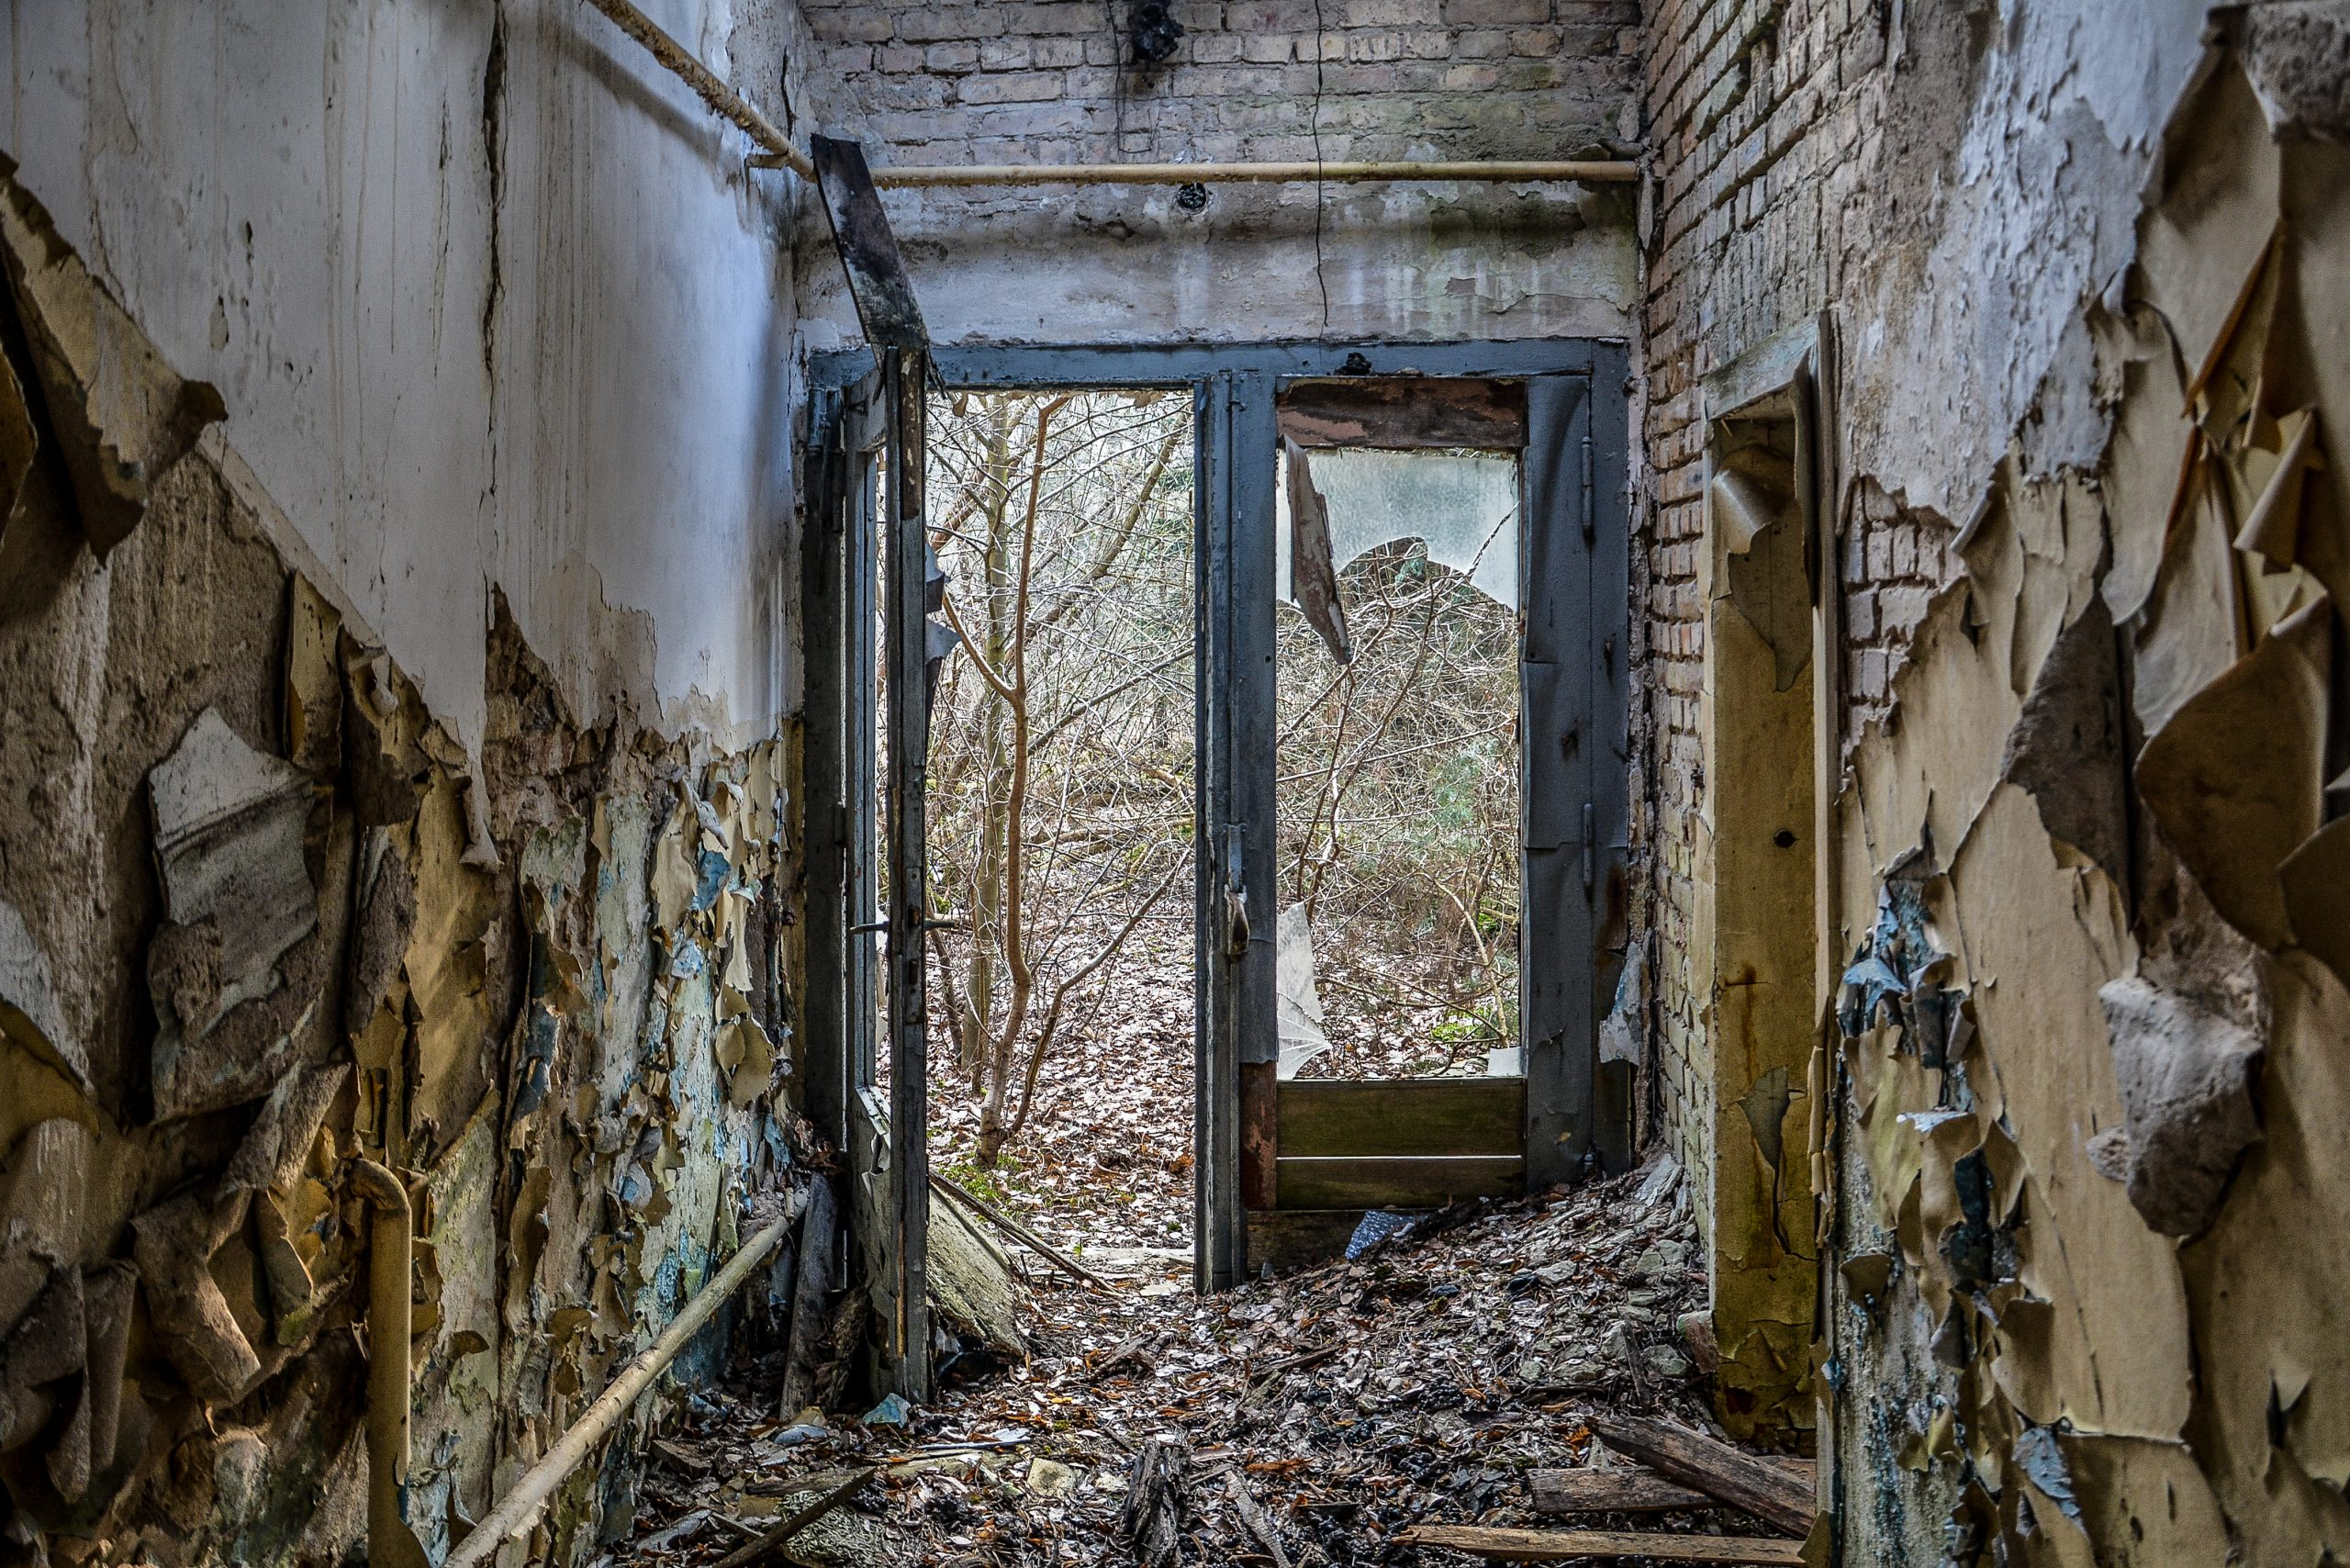 blocked door tuer forst zinna adolf hitler lager luckenwalde juterbog sowjet kaserne soviet military barracks germany lost places urbex abandoned